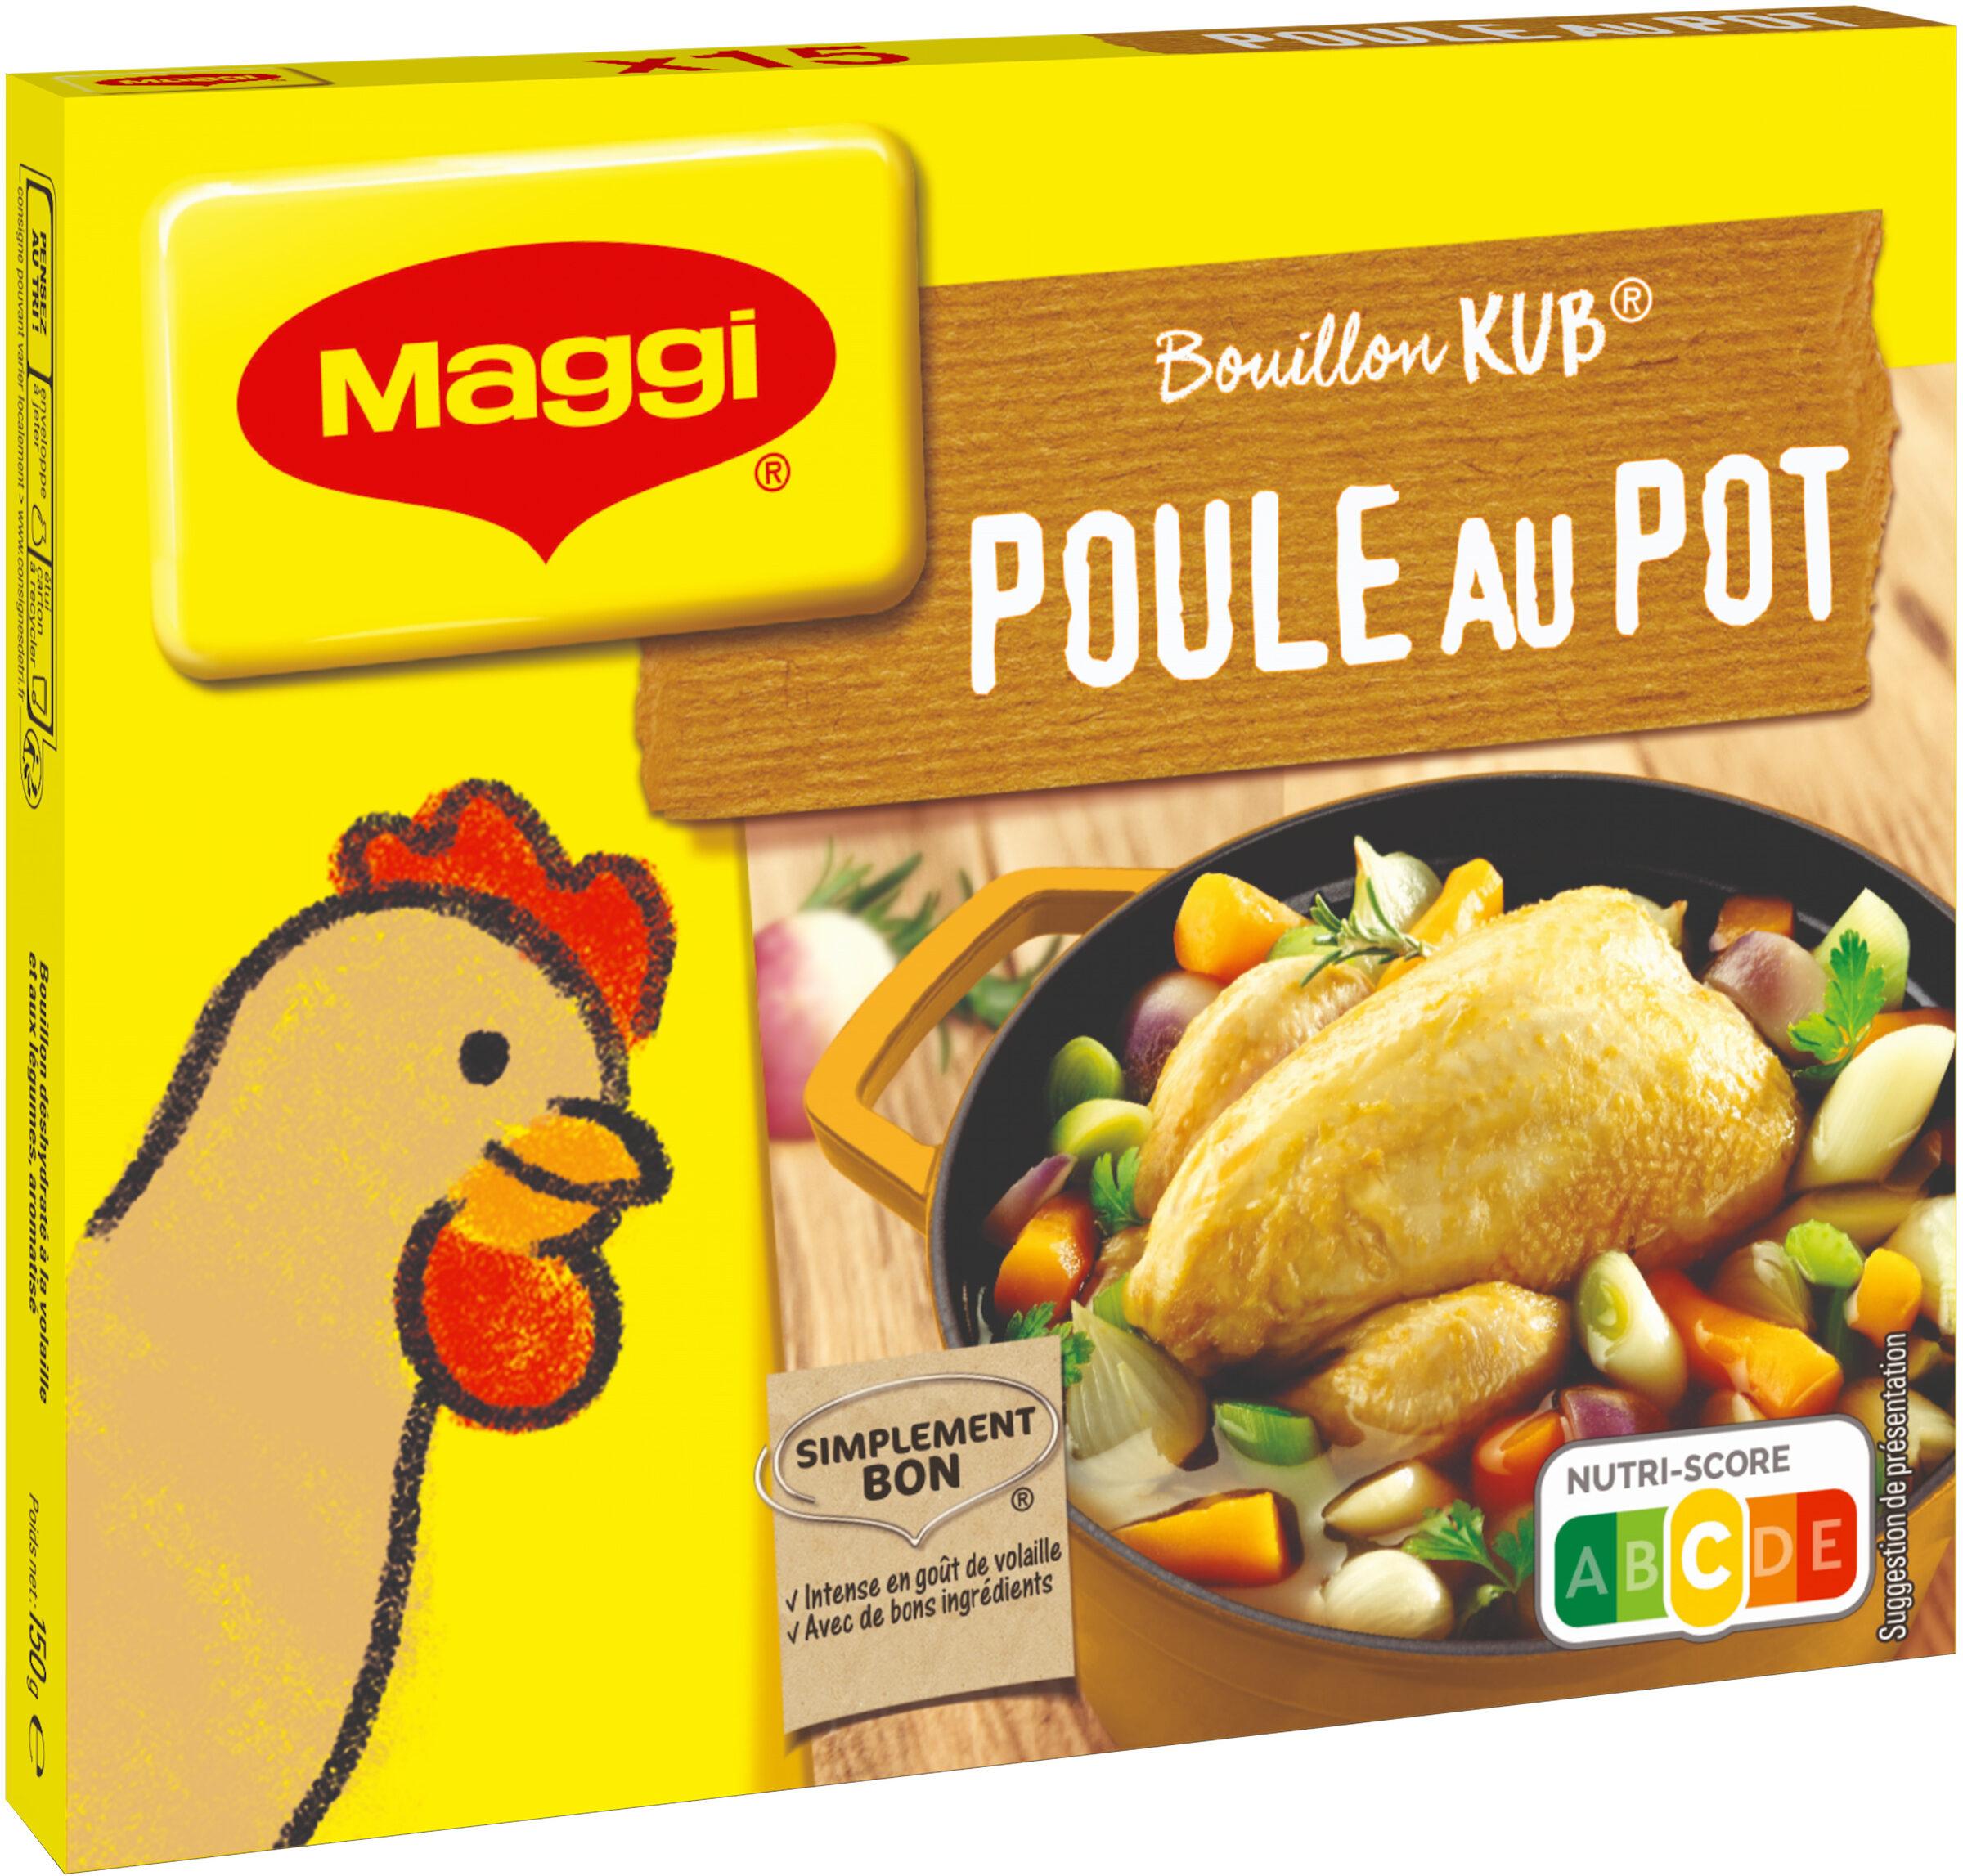 MAGGI Bouillon KUB Poule au Pot 15 cubes - Product - fr